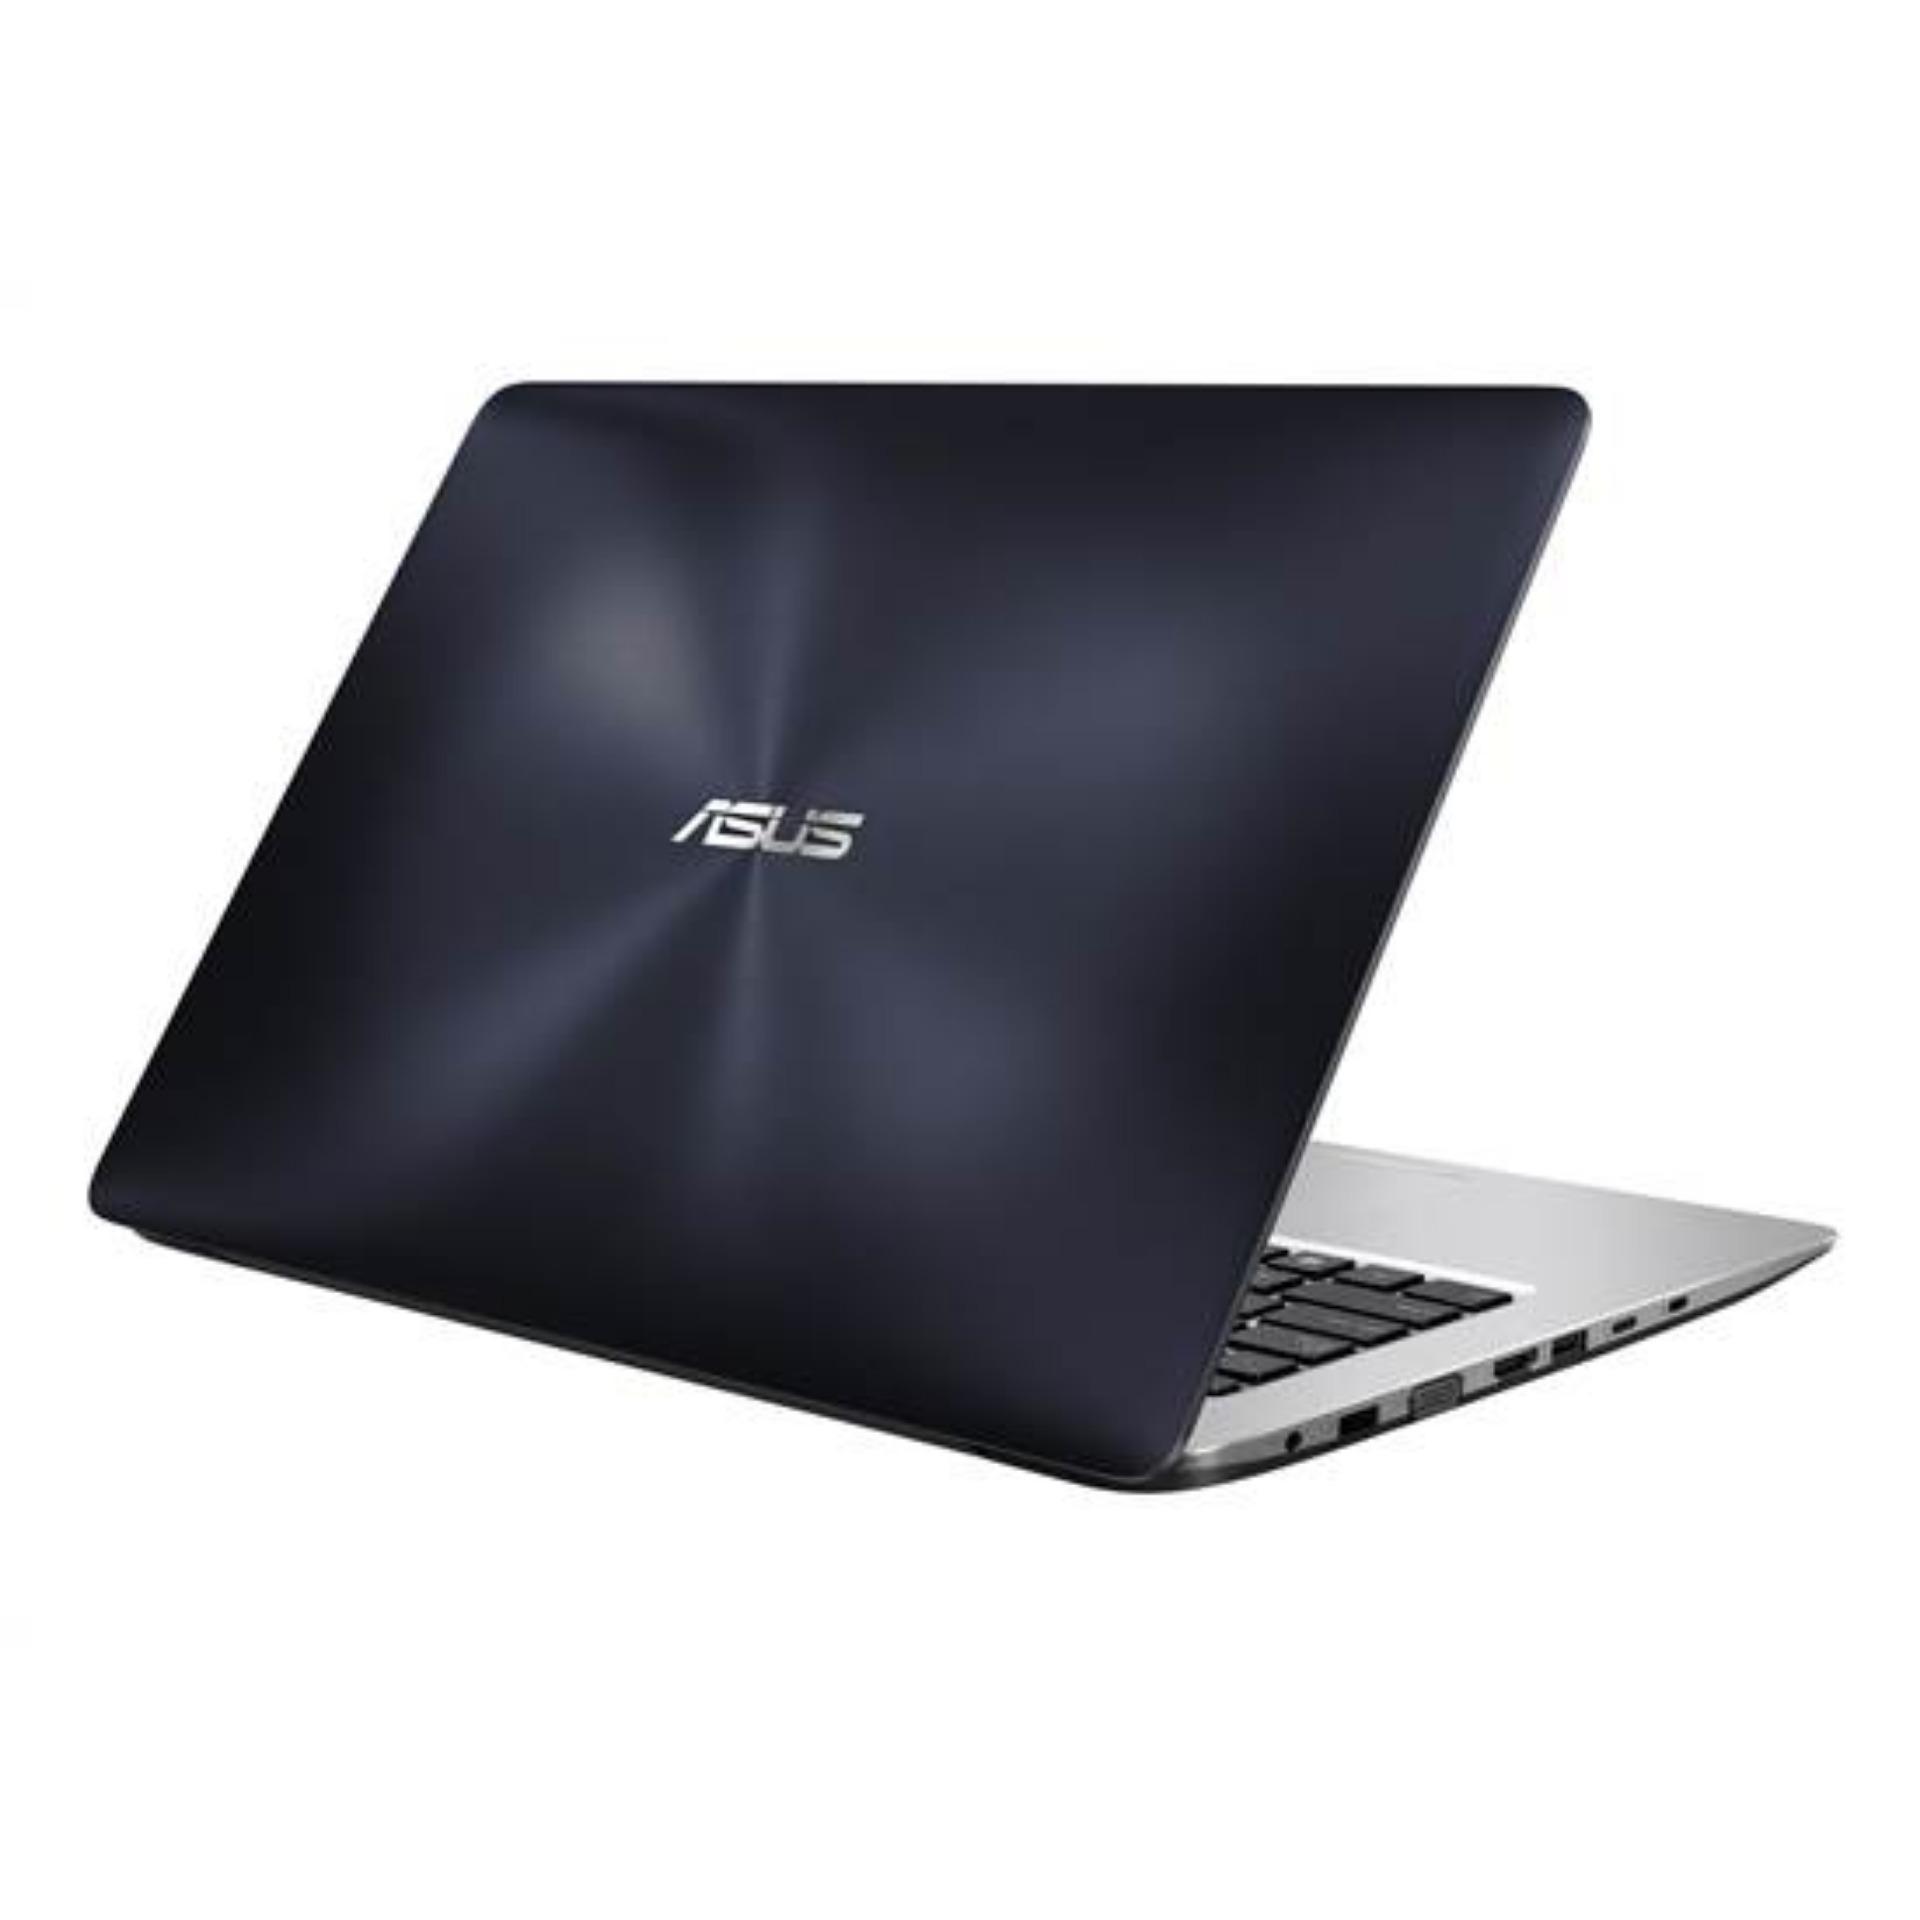 I77700hq Asus Rog Gl552vx Dm409t Intel Core I7 7700hq 12gb Ram 1tb Hdd Geforce Gtx950m 4gb Win10 156 Inc Tas Backpack Notebook A442uf Fa020t I5 8250u 8 Vga Mx461 2gb Windows10